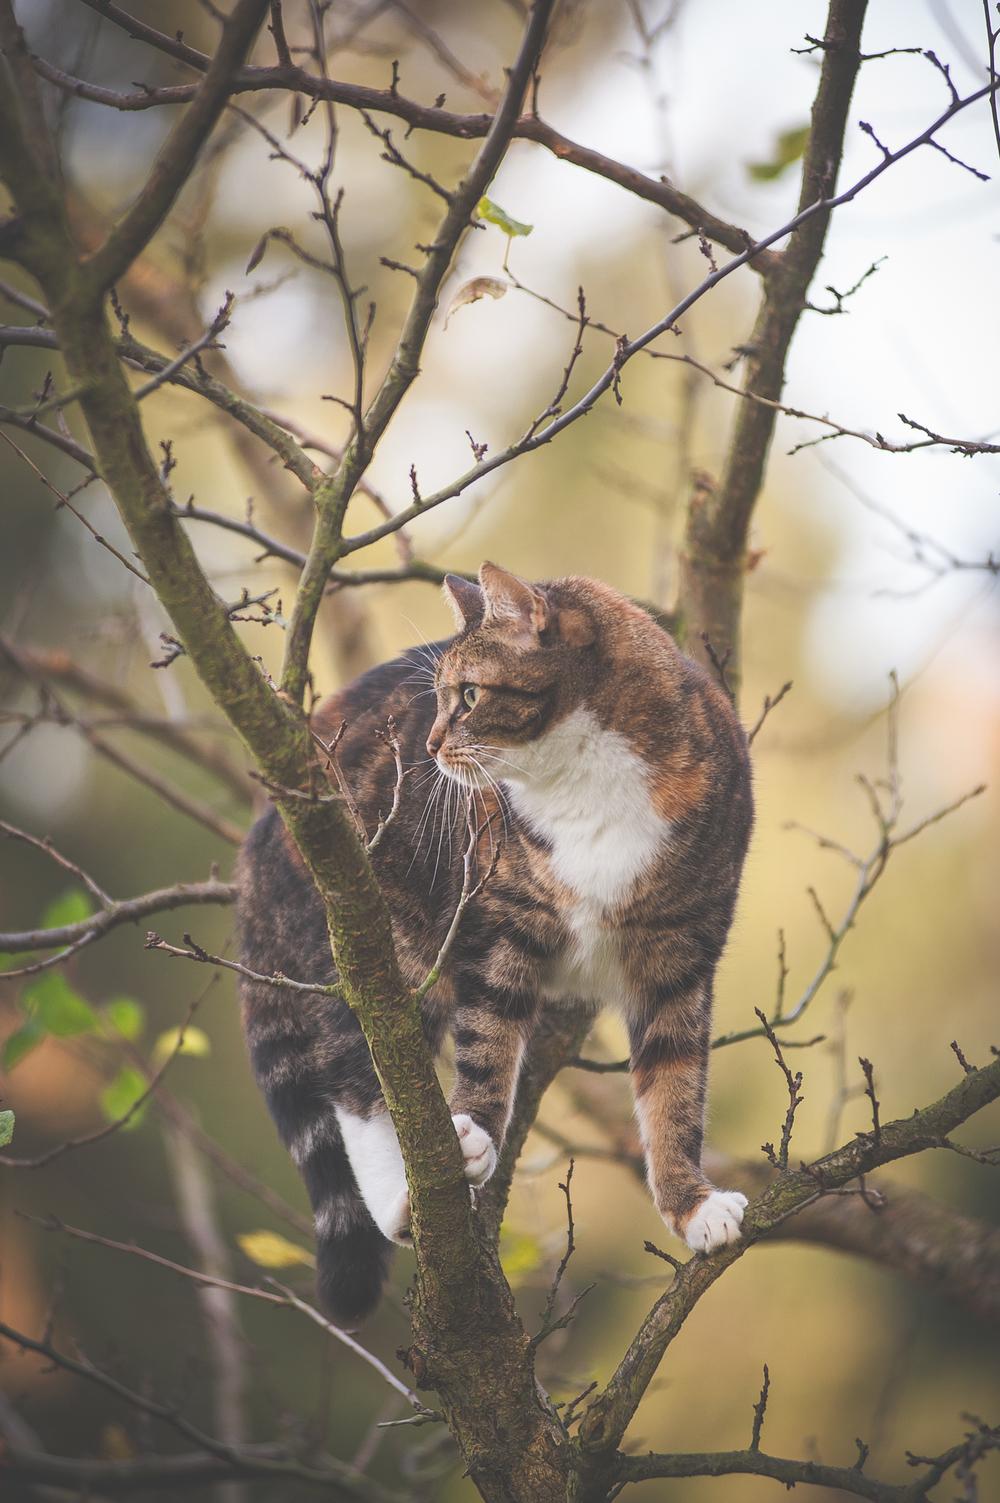 Und immer wieder auf den Bäumen. Quietsch suchen, hiess nach oben schauen.